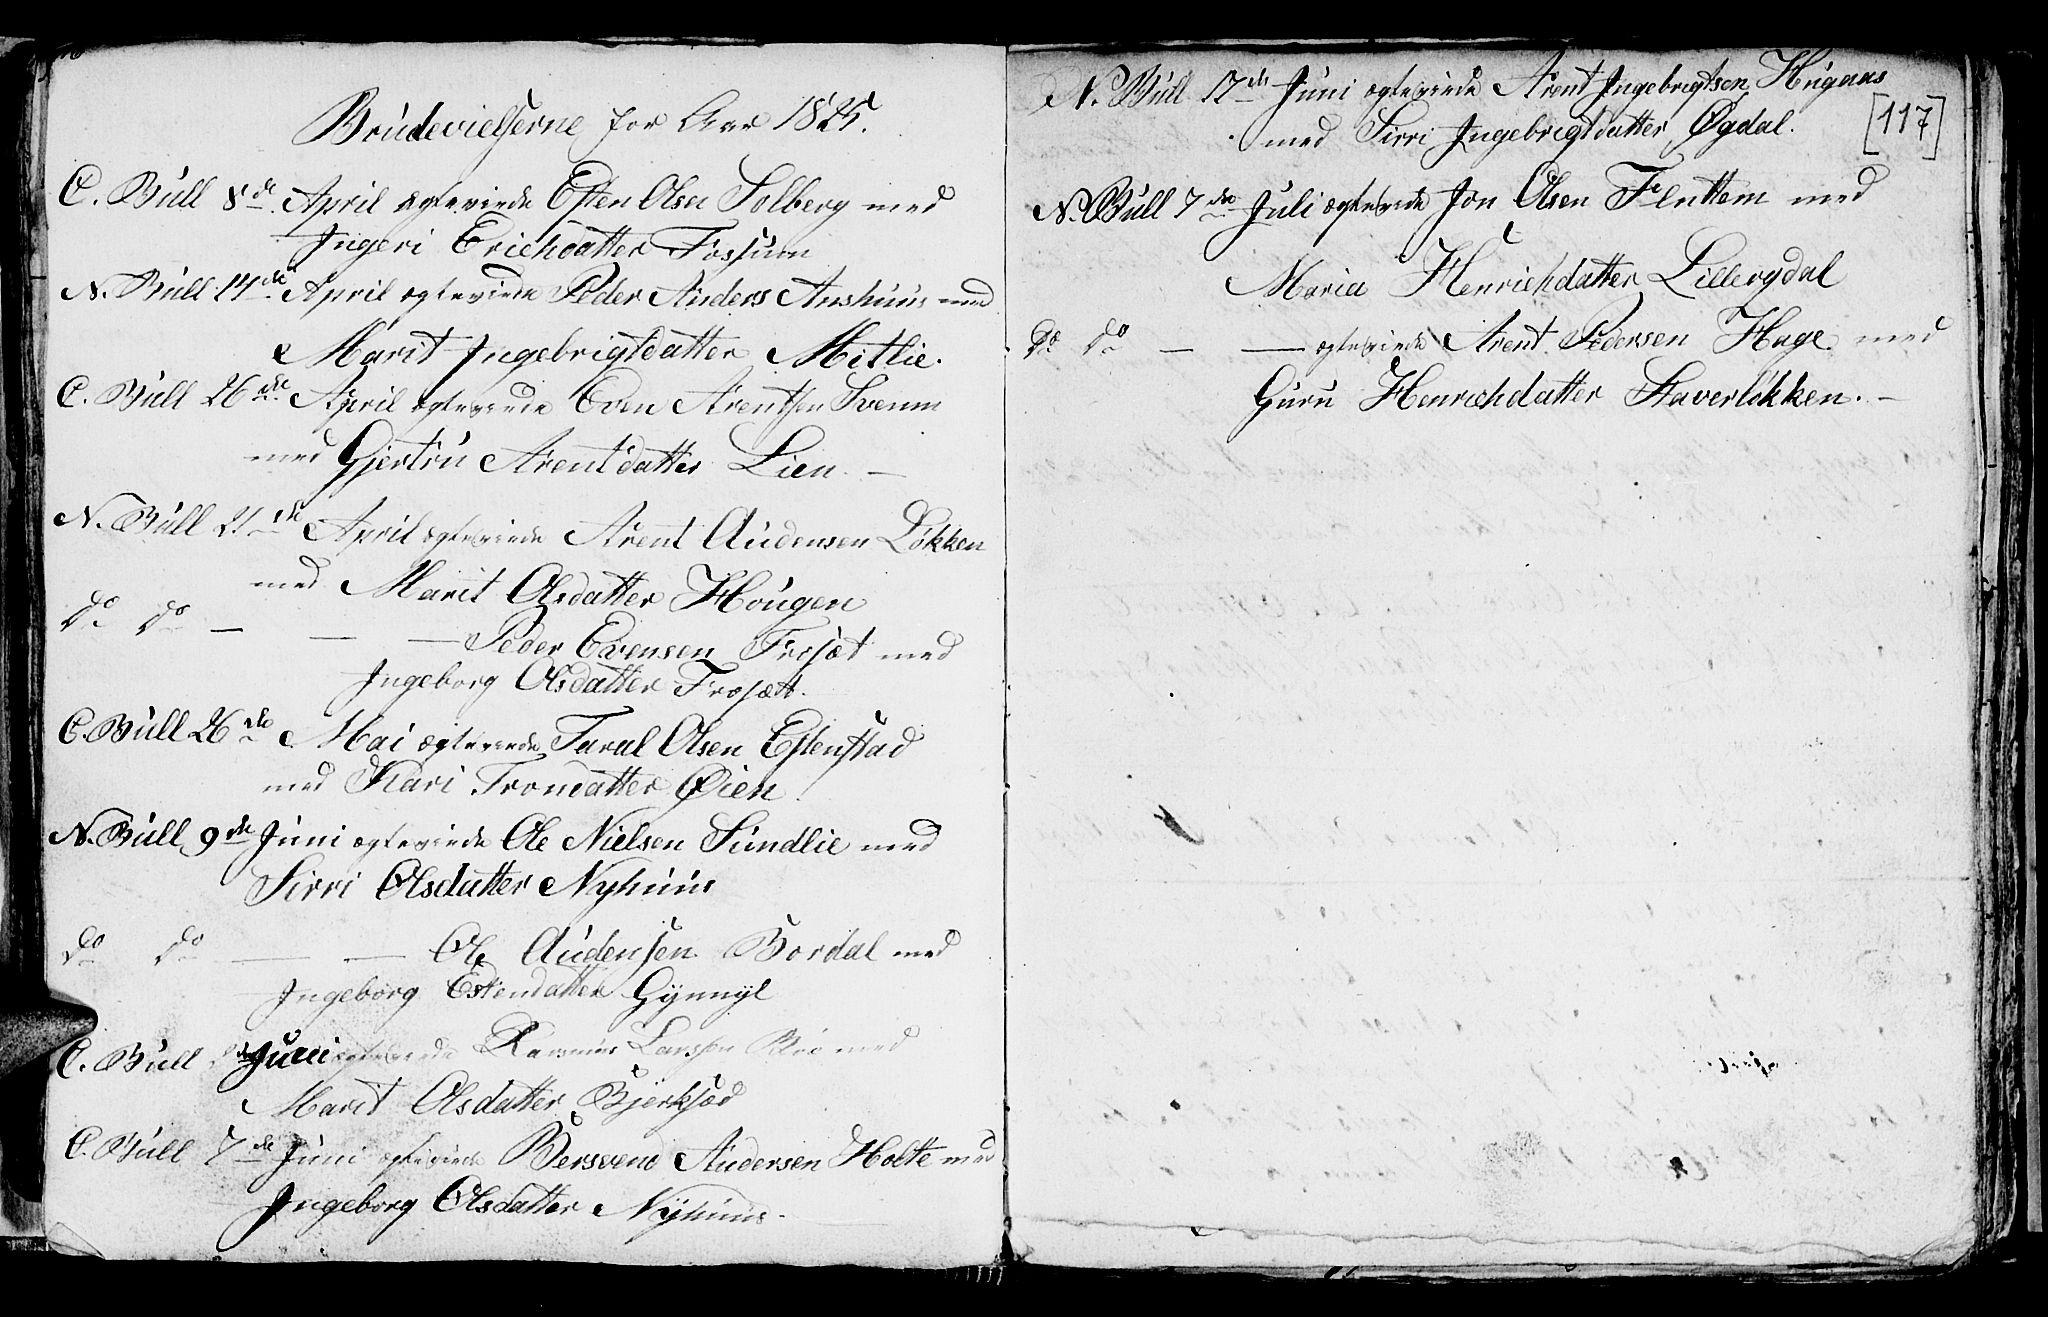 SAT, Ministerialprotokoller, klokkerbøker og fødselsregistre - Sør-Trøndelag, 689/L1042: Klokkerbok nr. 689C01, 1812-1841, s. 116-117